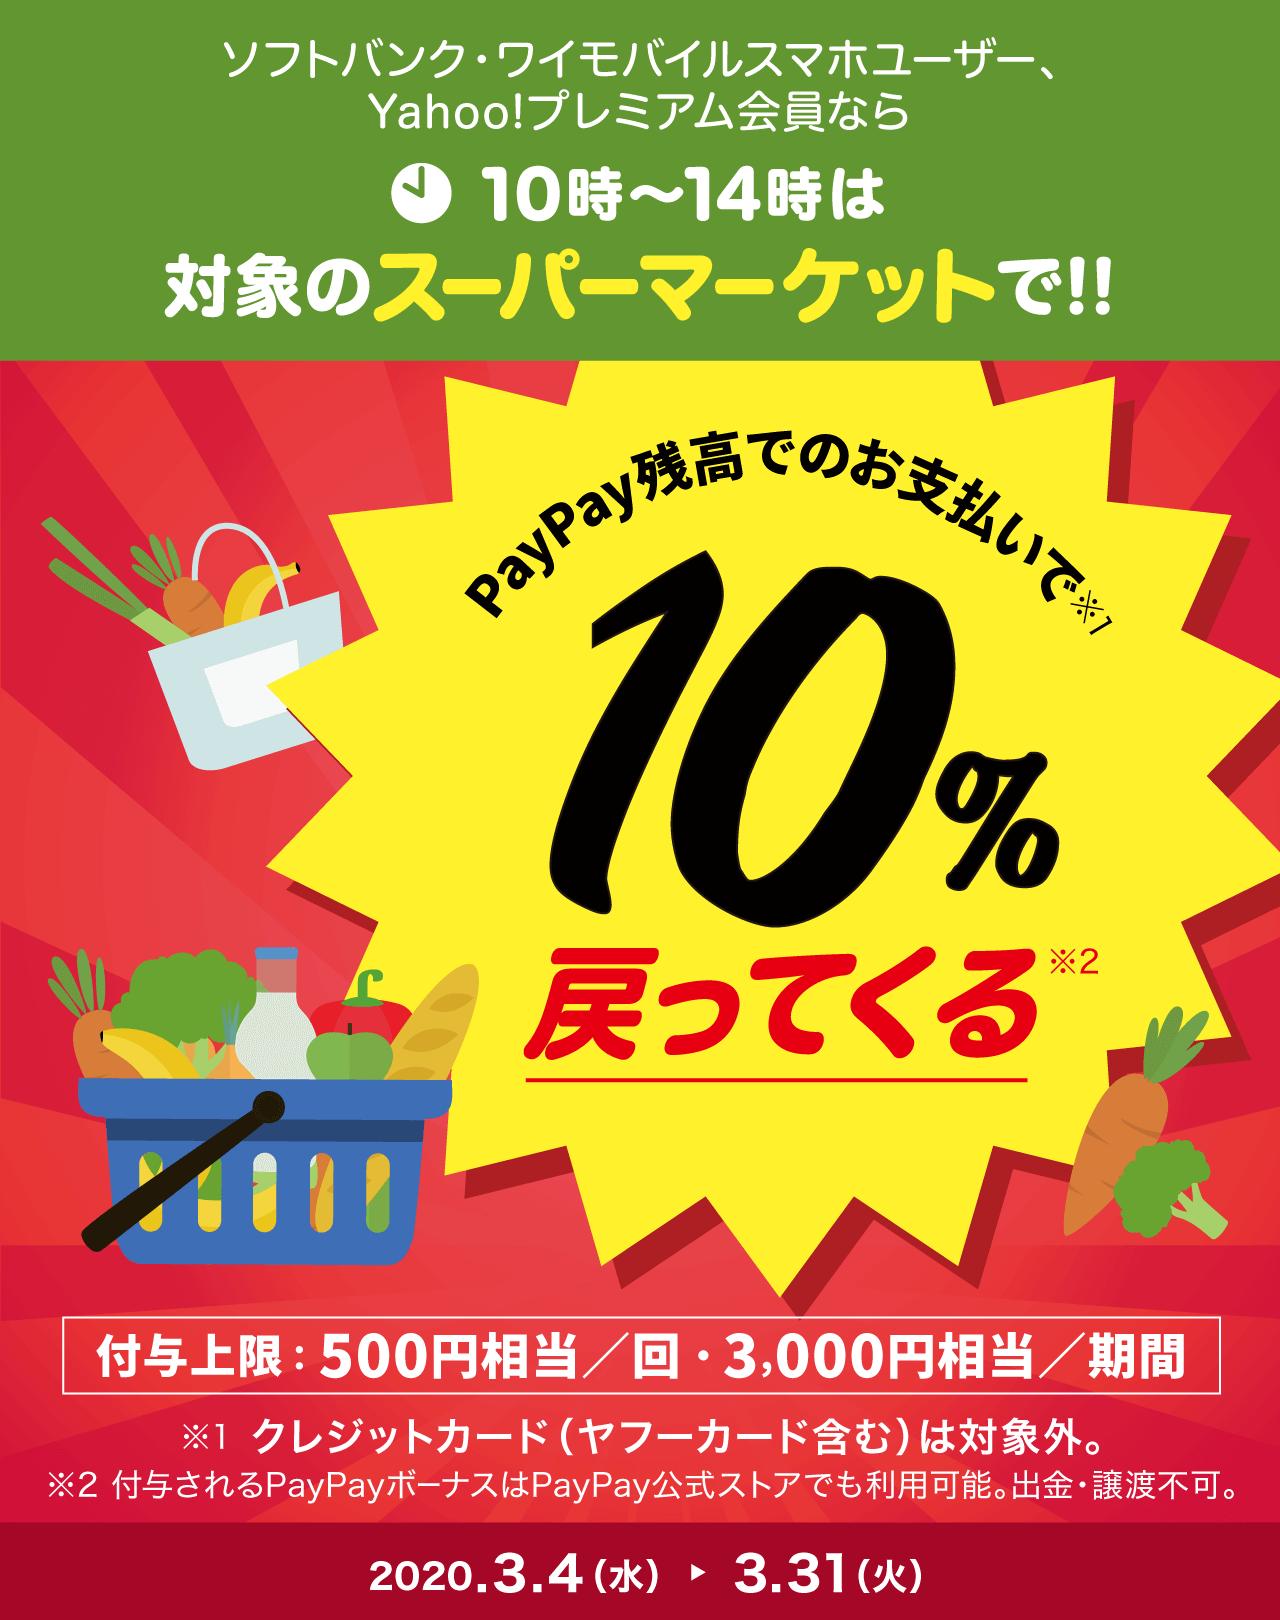 10時〜14時は ソフトバンク・ワイモバイルスマホユーザー、Yahoo!プレミアム会員なら 対象のスーパーマーケットで!! PayPay残高でのお支払いで10%戻ってくる